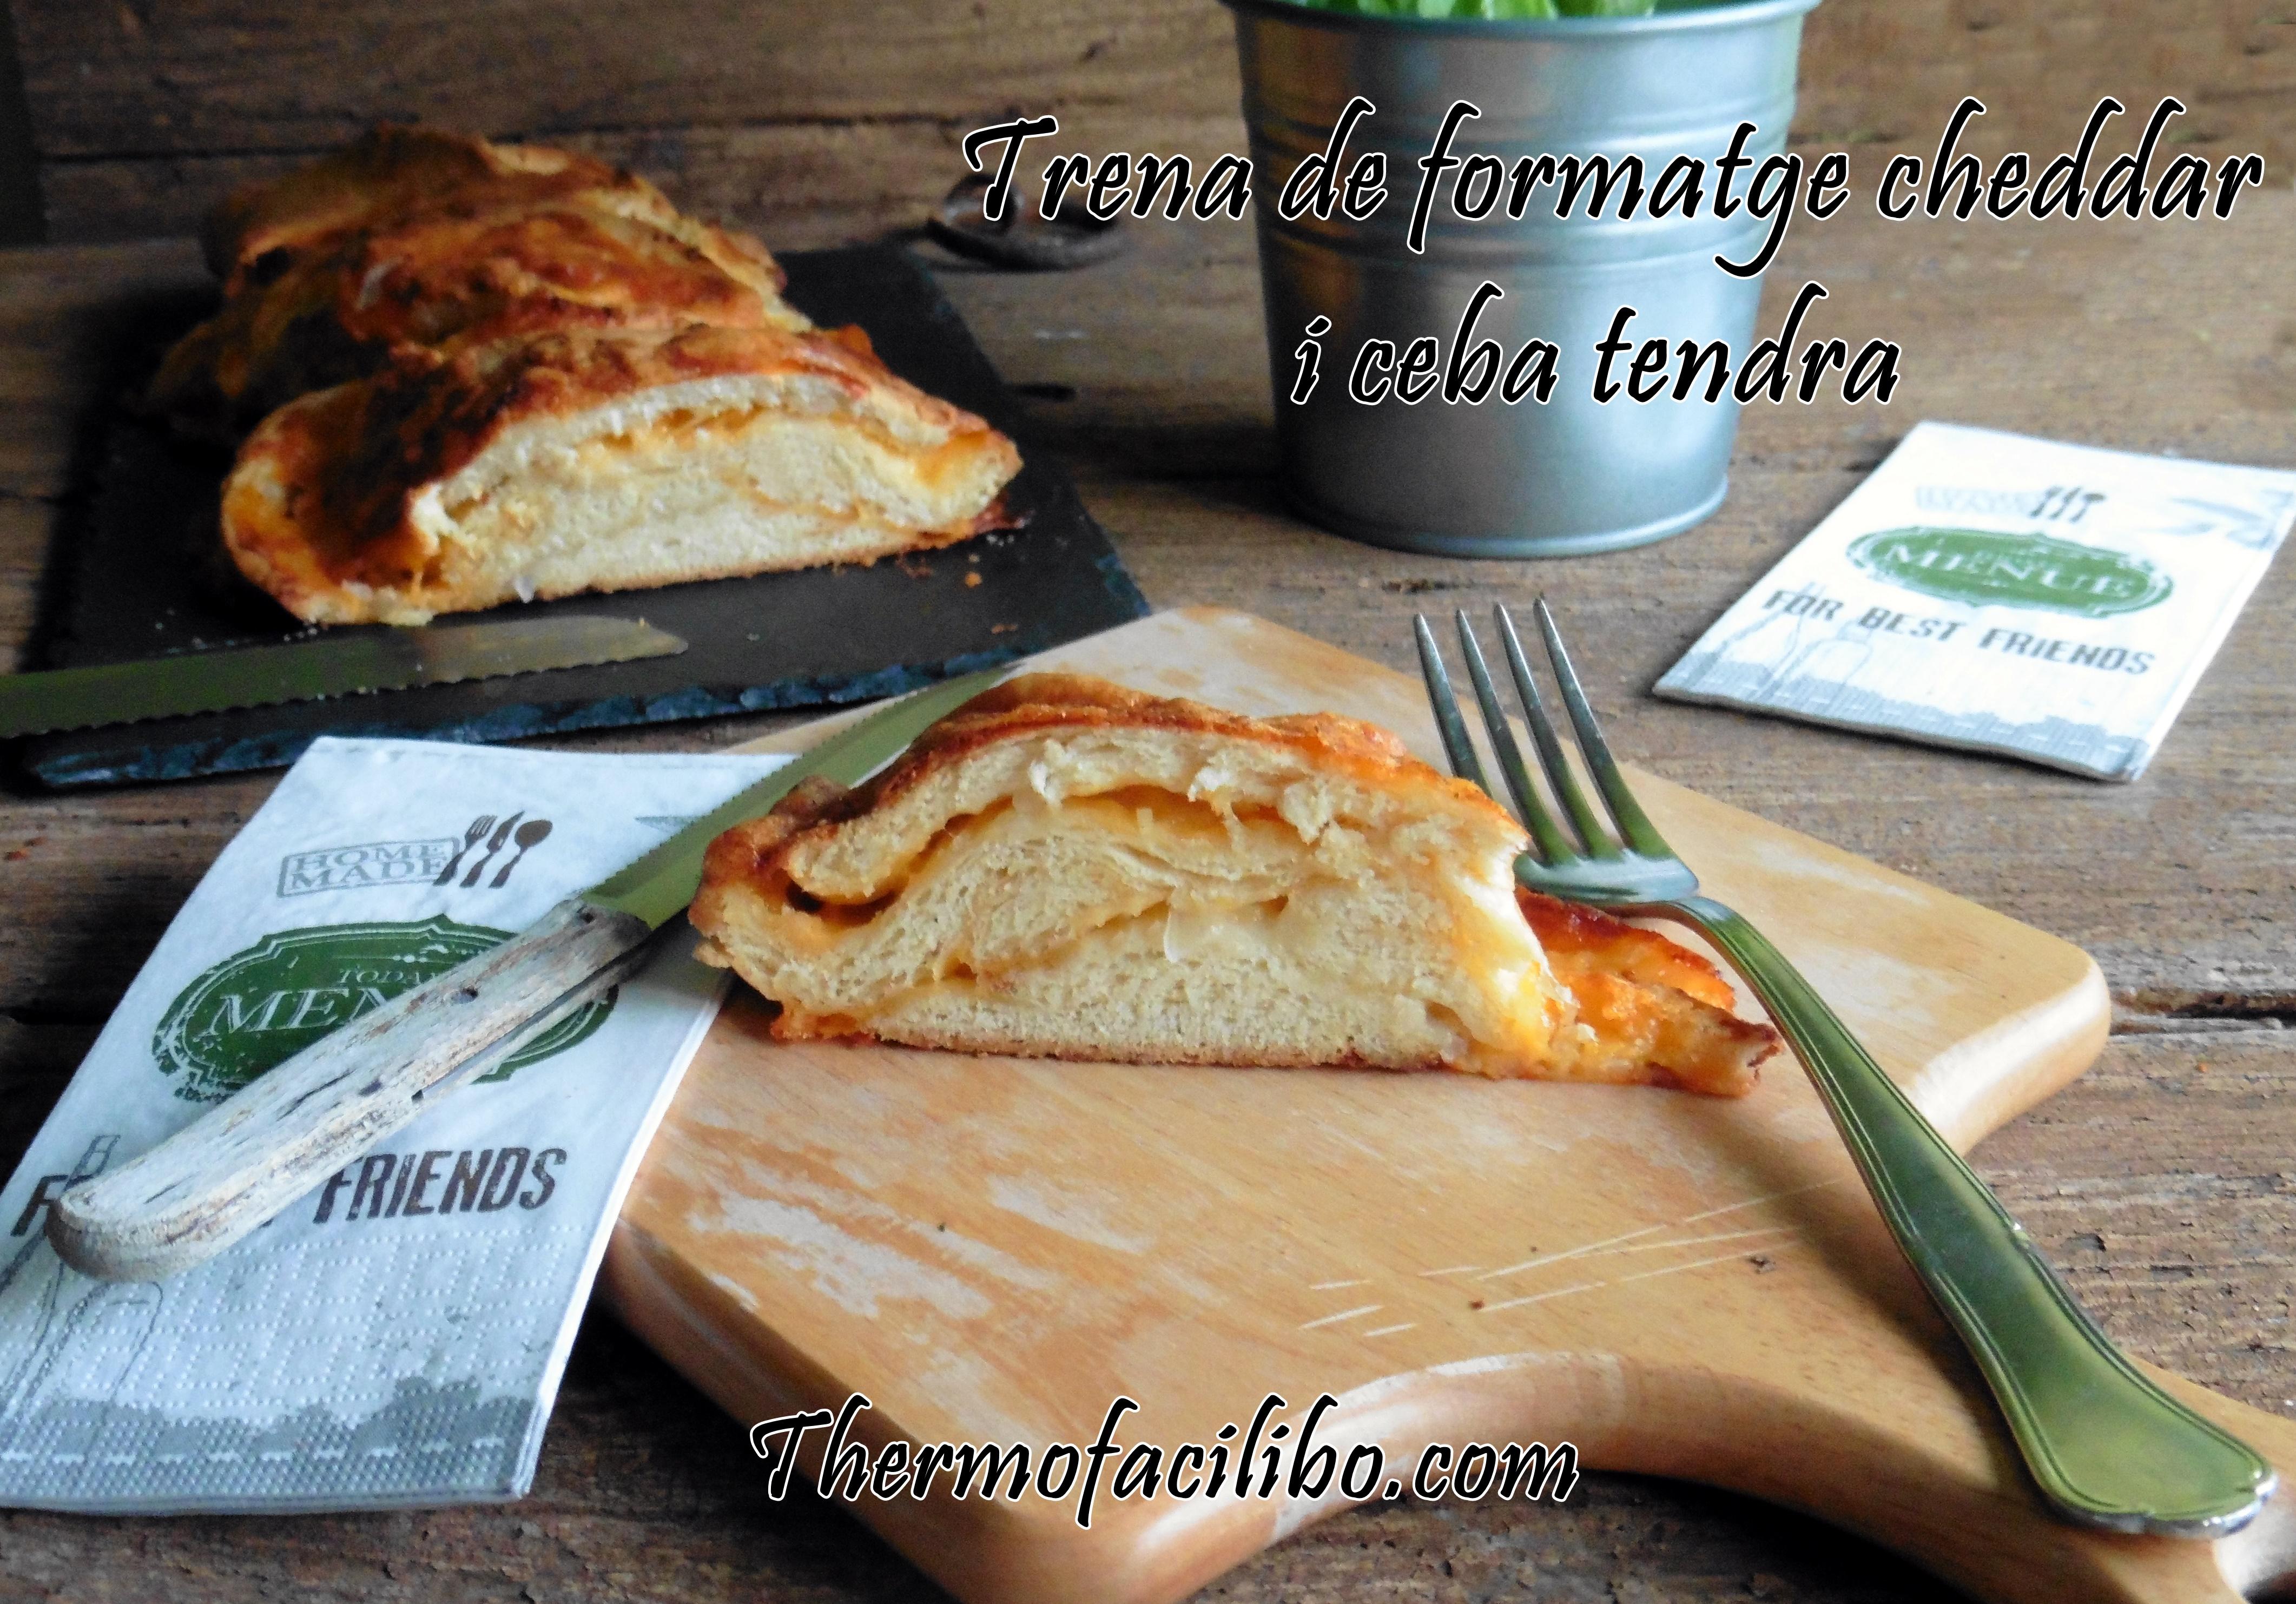 Trena de formatge cheddar i ceba tendra